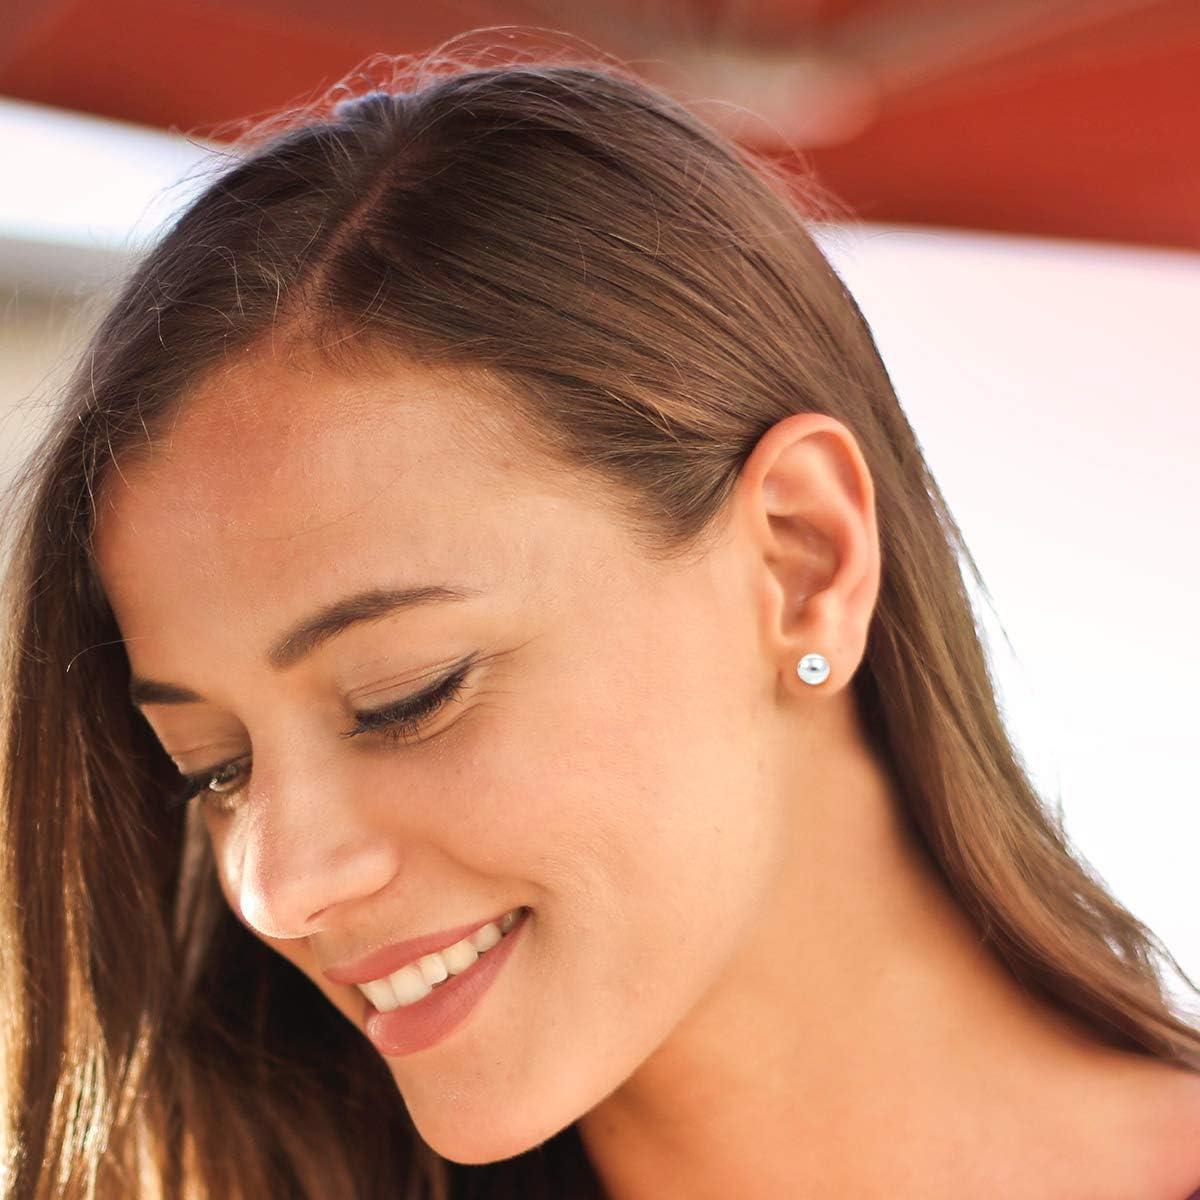 DTPsilver 2,3,4,5,6,8,10,12 mm Tailles Boucles doreilles Femme en Argent Fin 925 Boule Fermoir clou